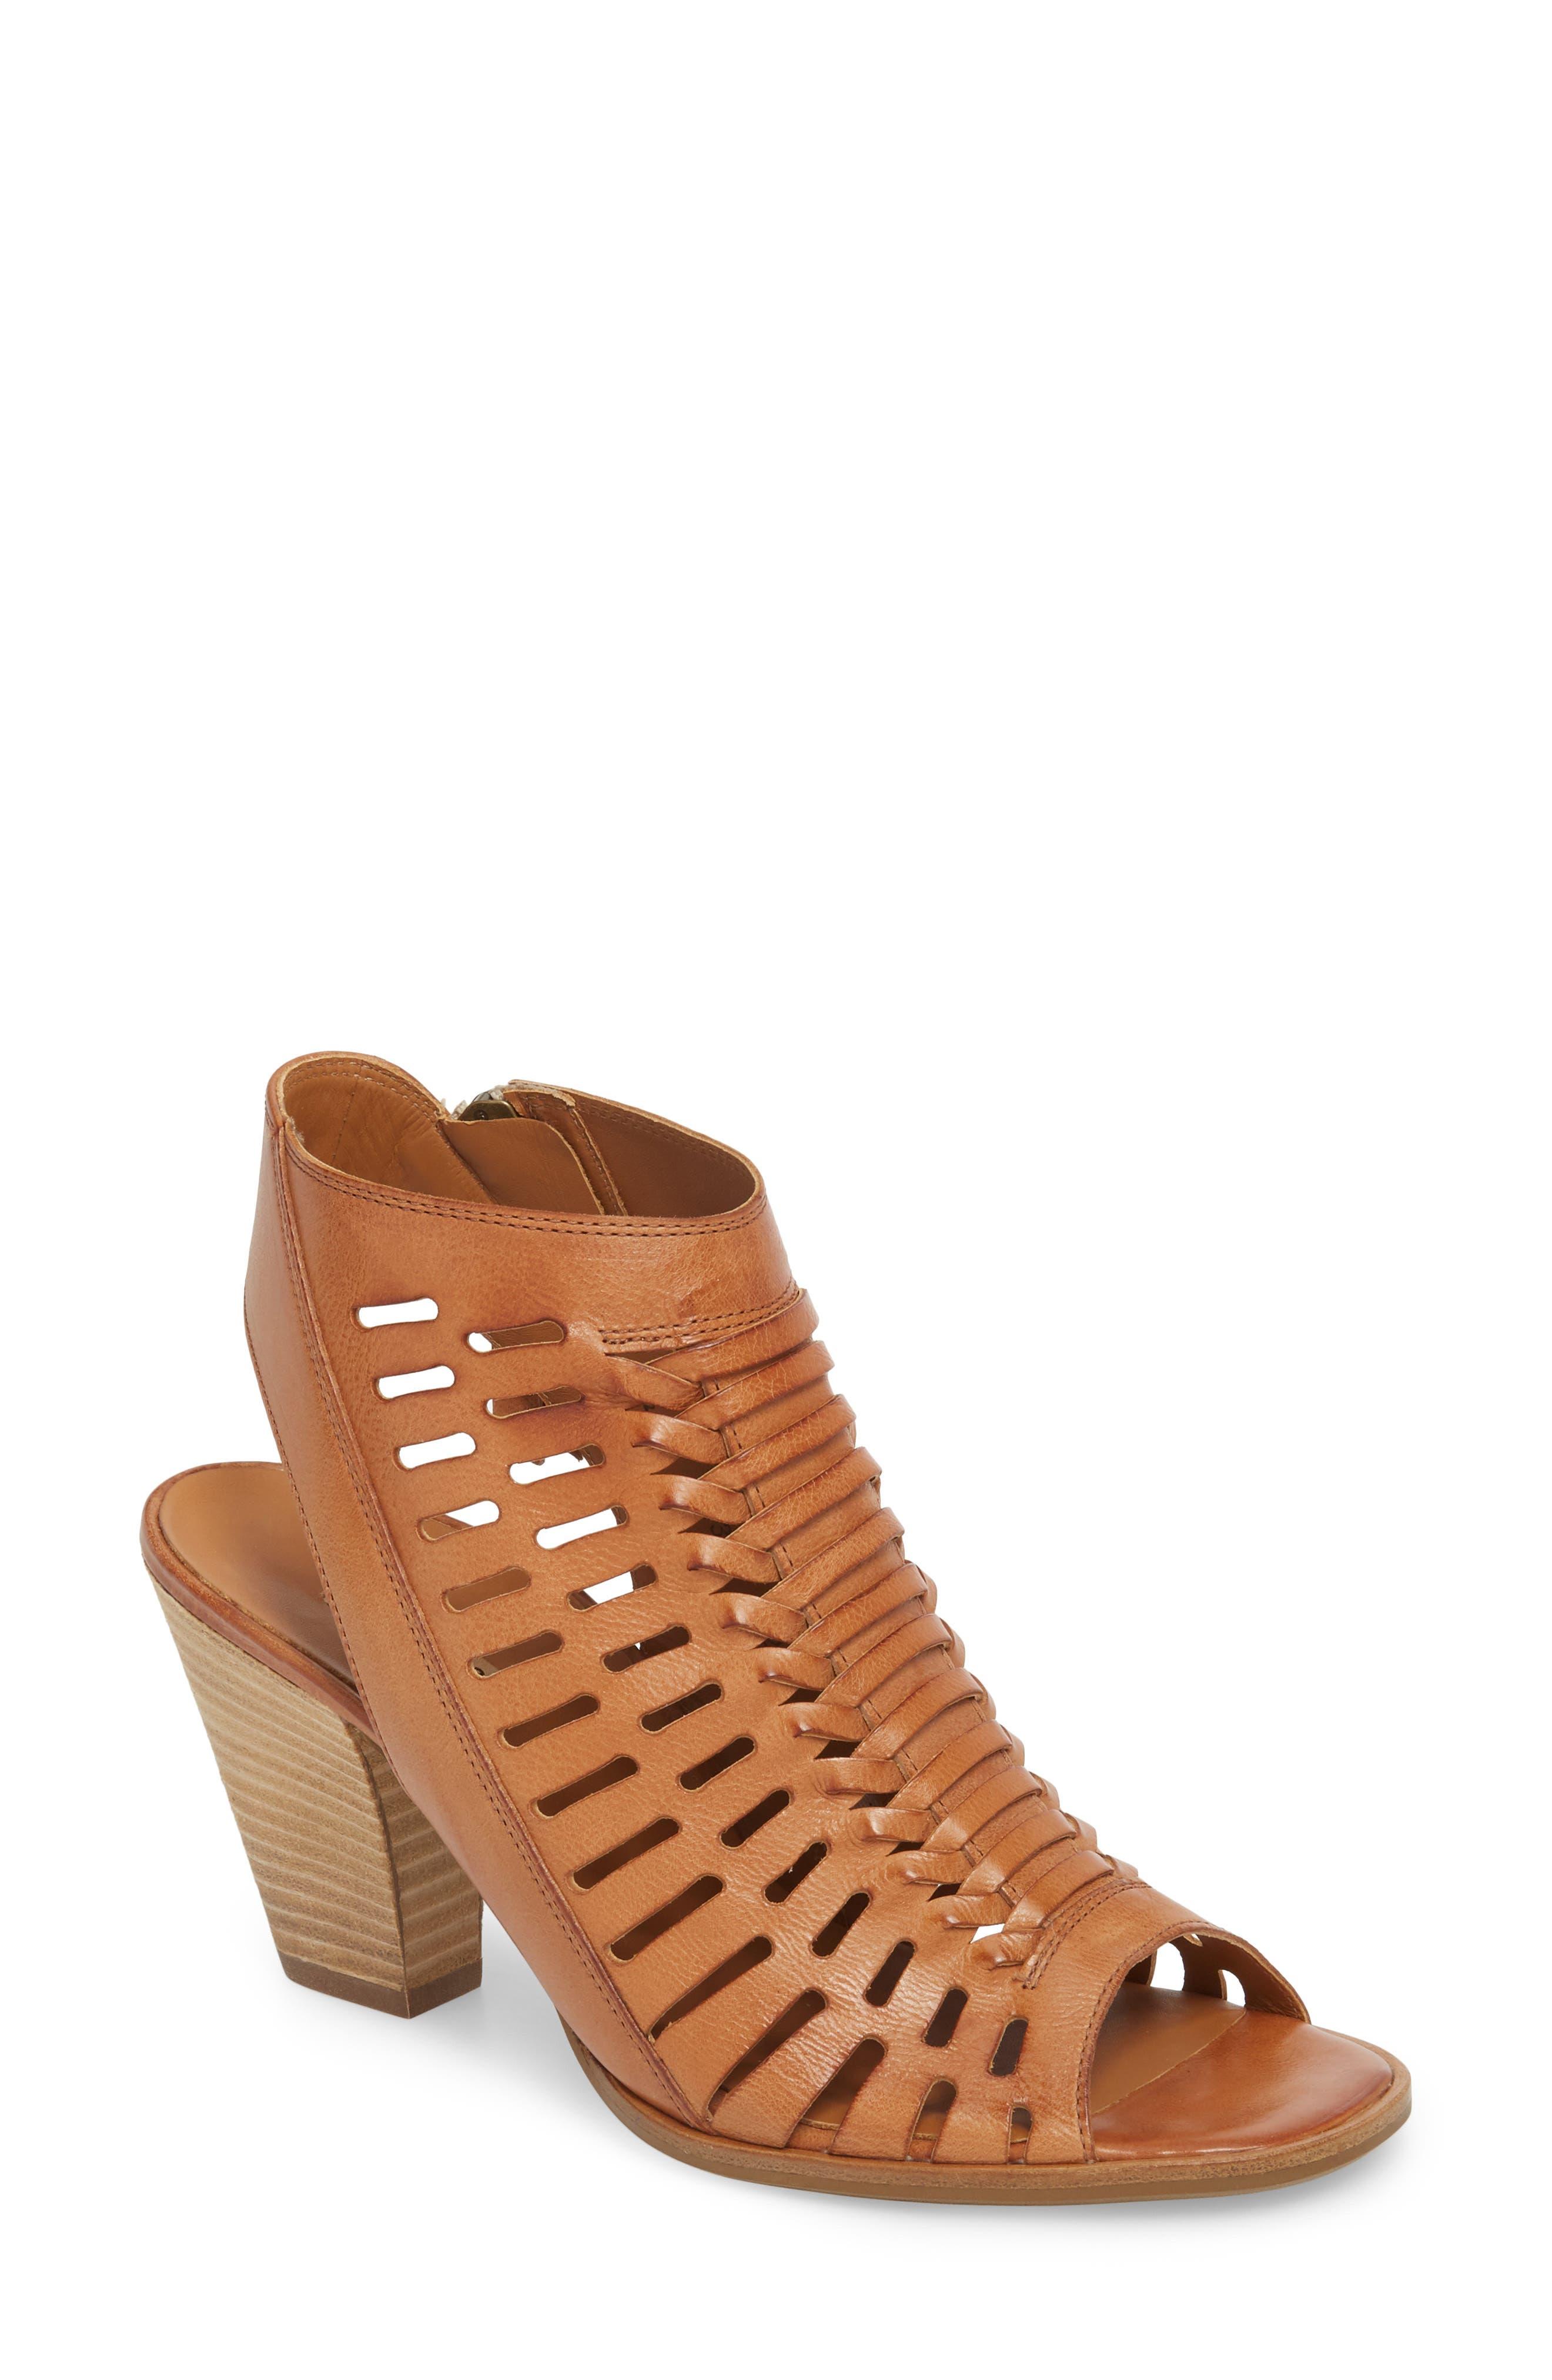 Rosa Woven Peep Toe Sandal,                             Main thumbnail 1, color,                             Cuoio Leather